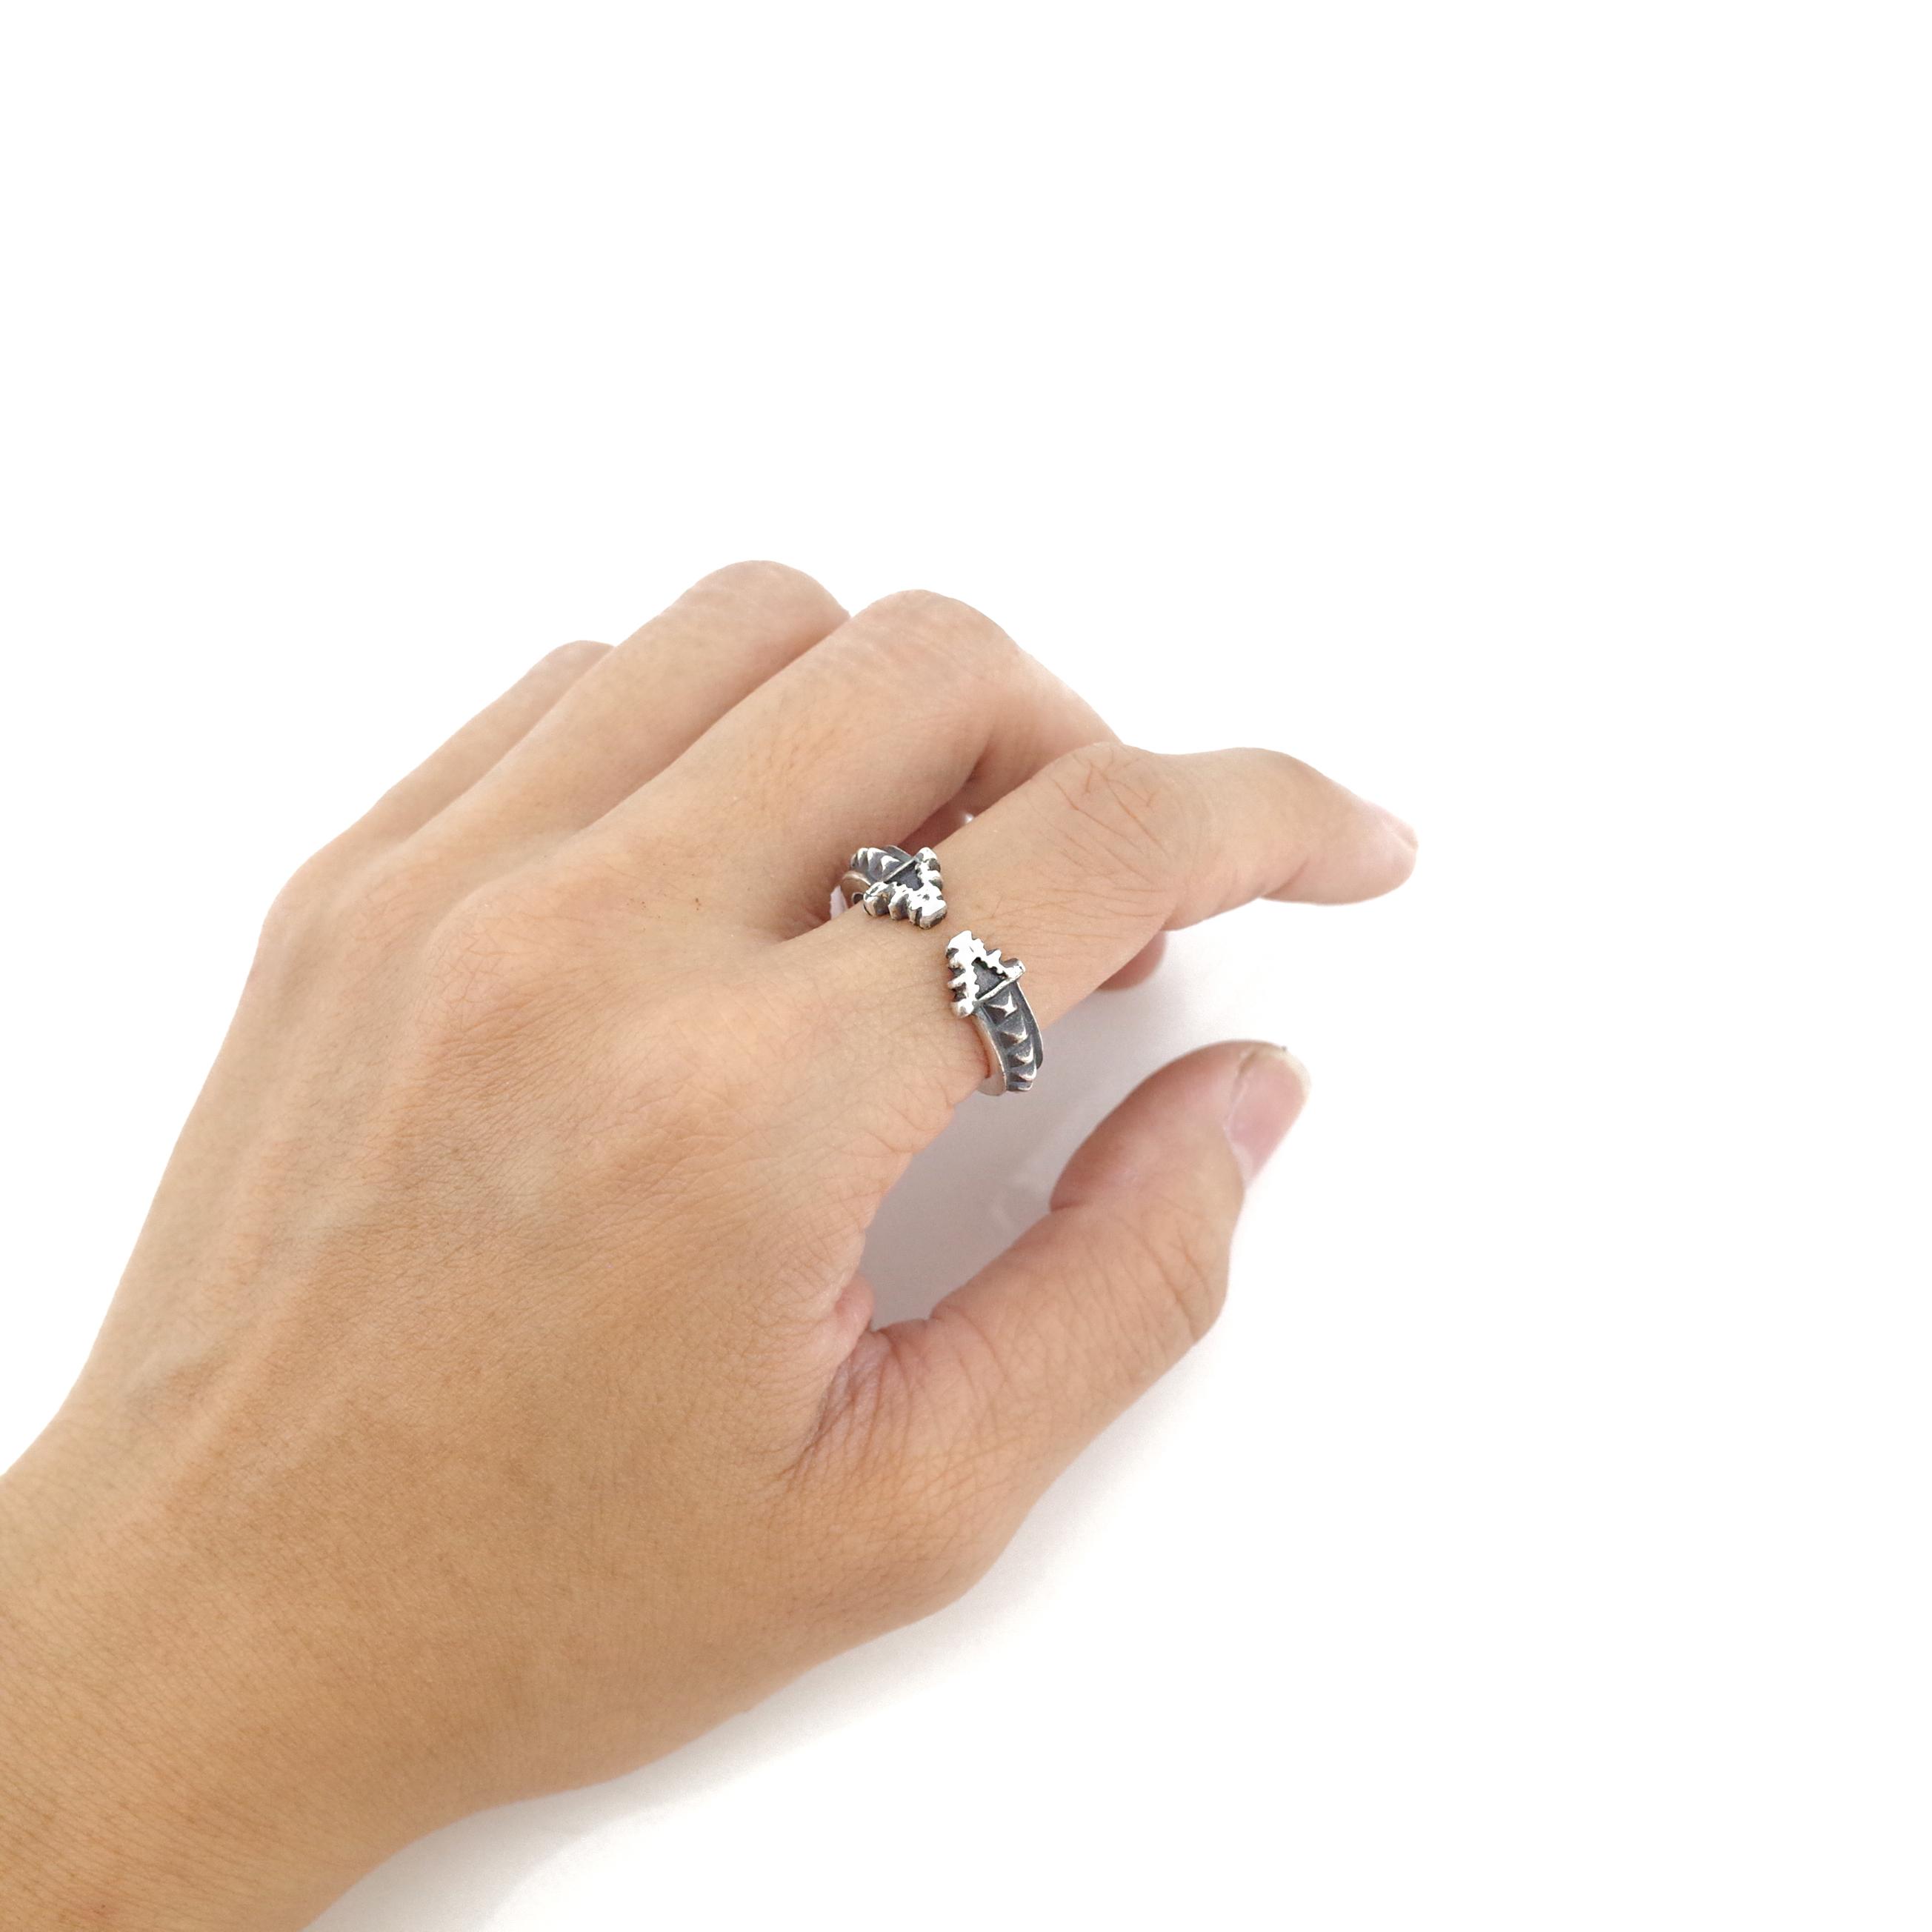 親密愛人聲波戒指 925純銀